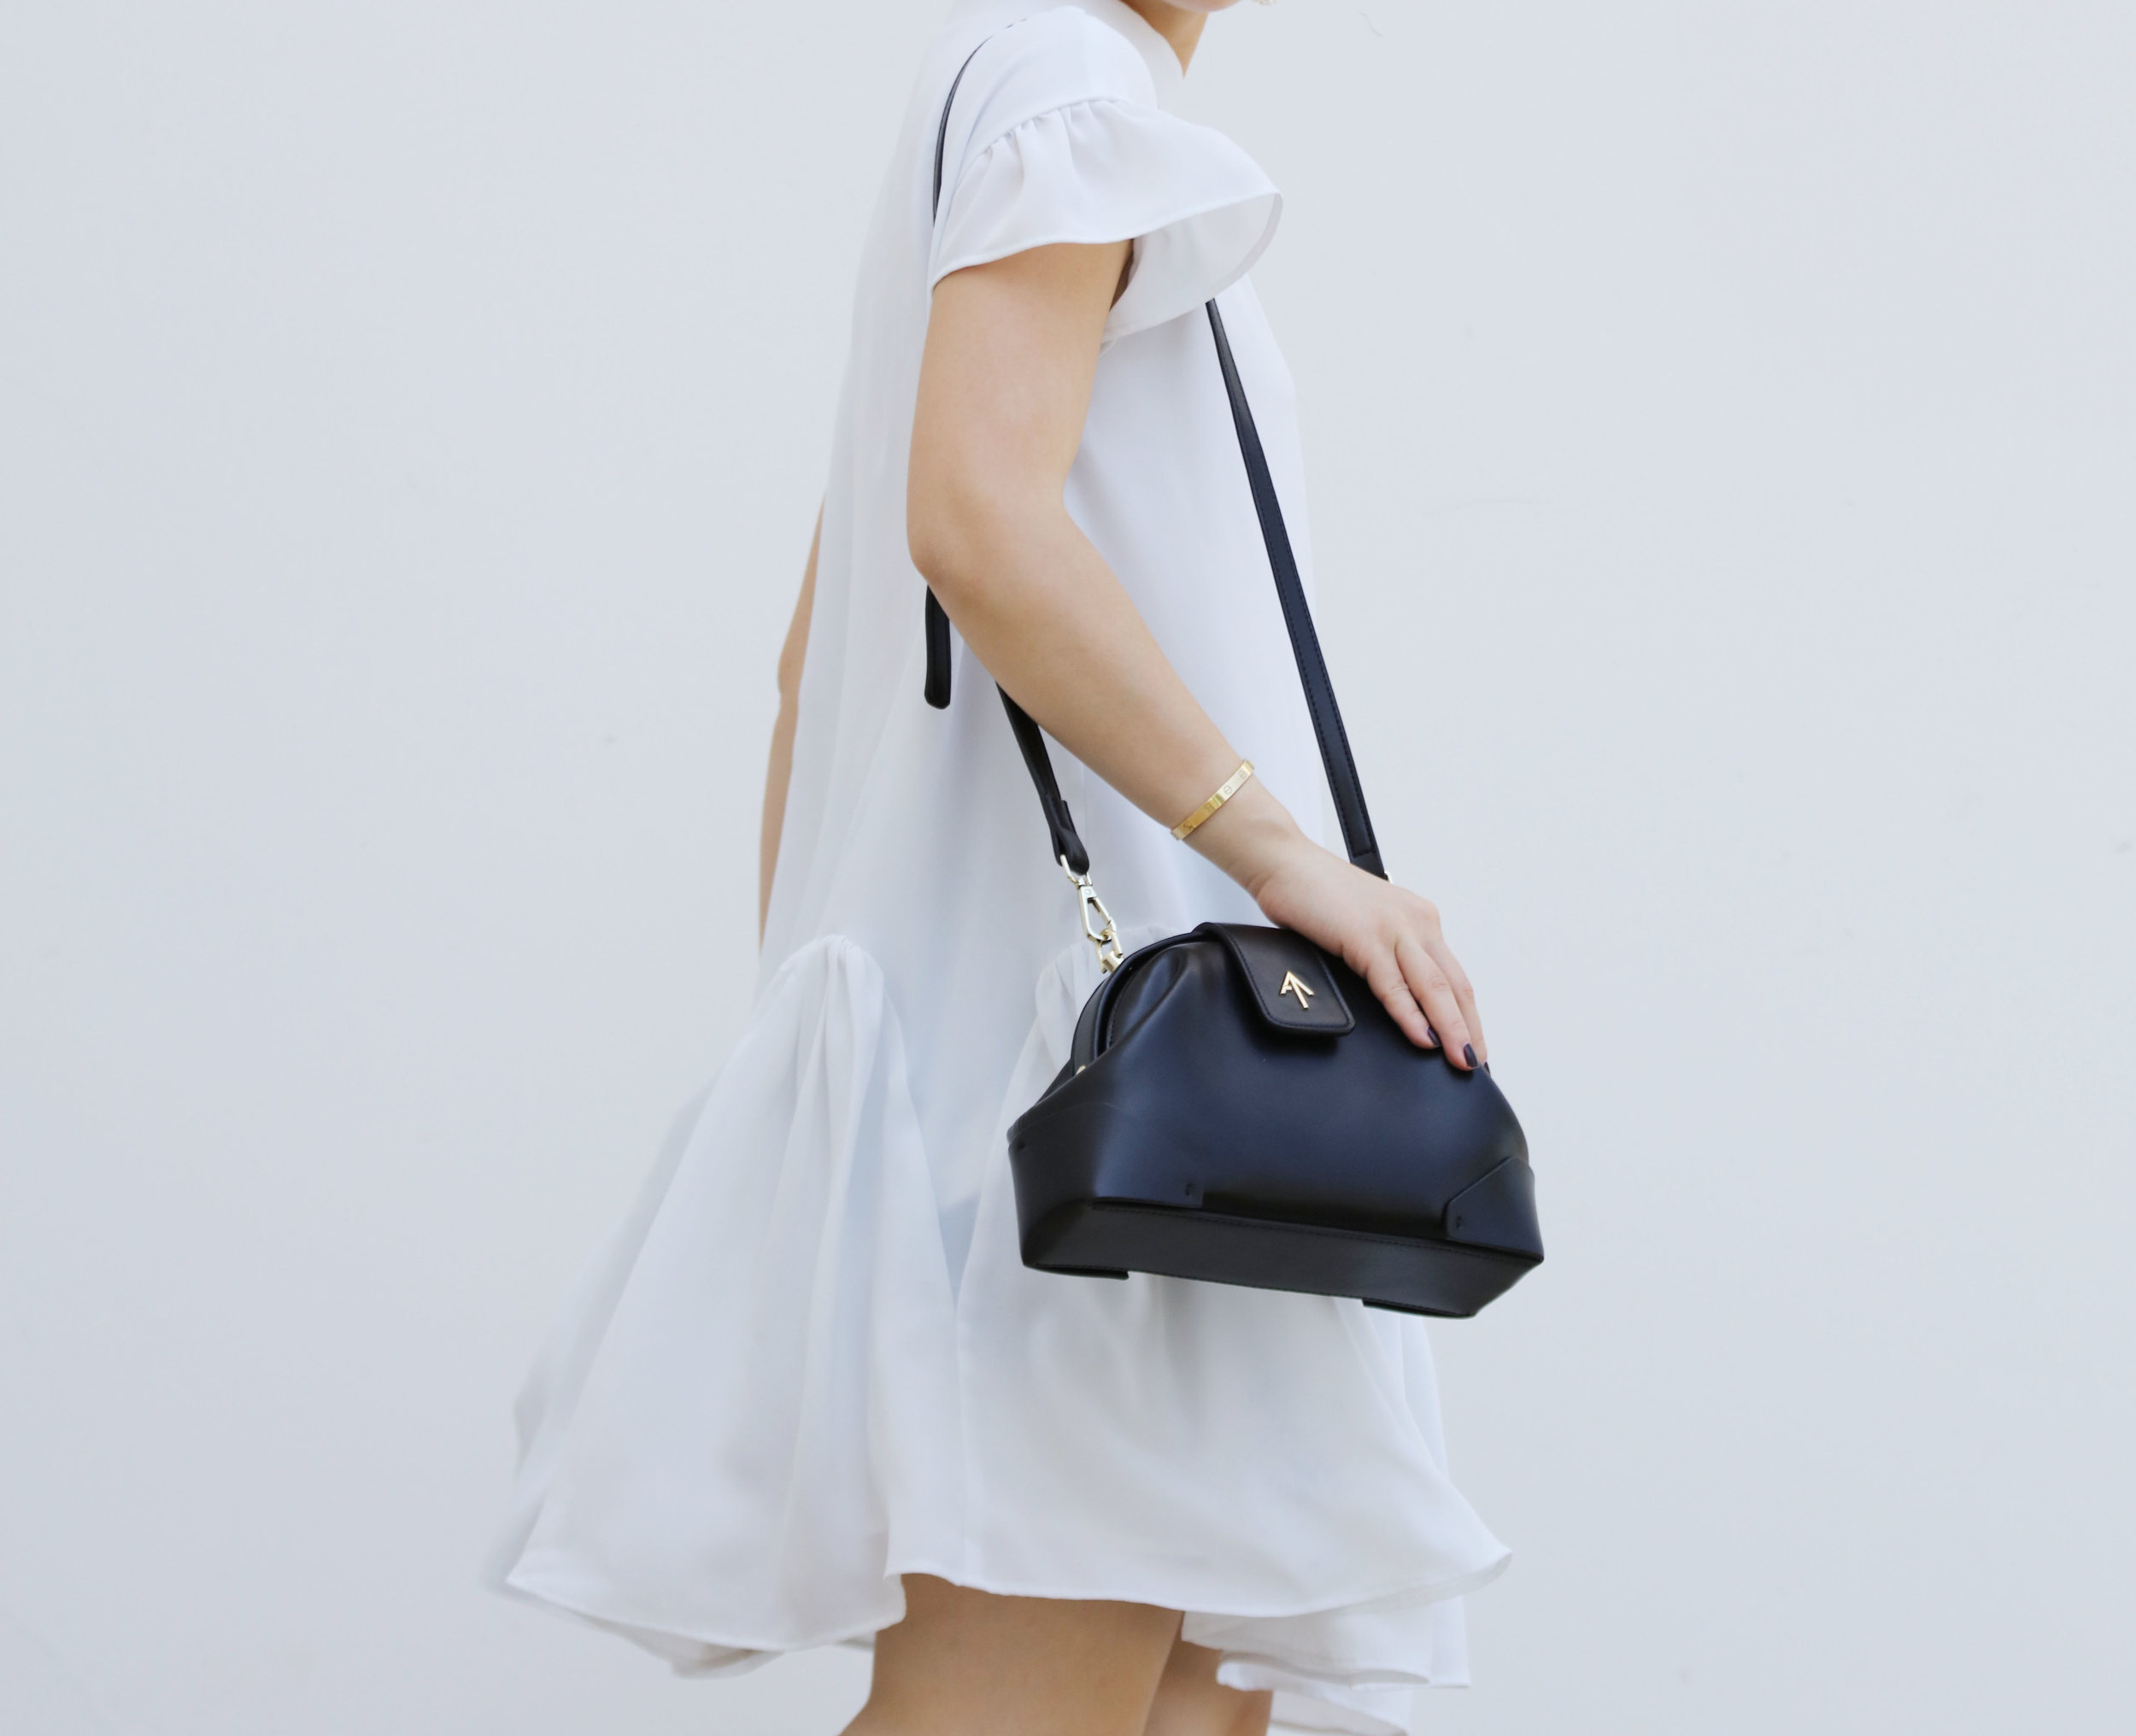 dezzal dress.jpg